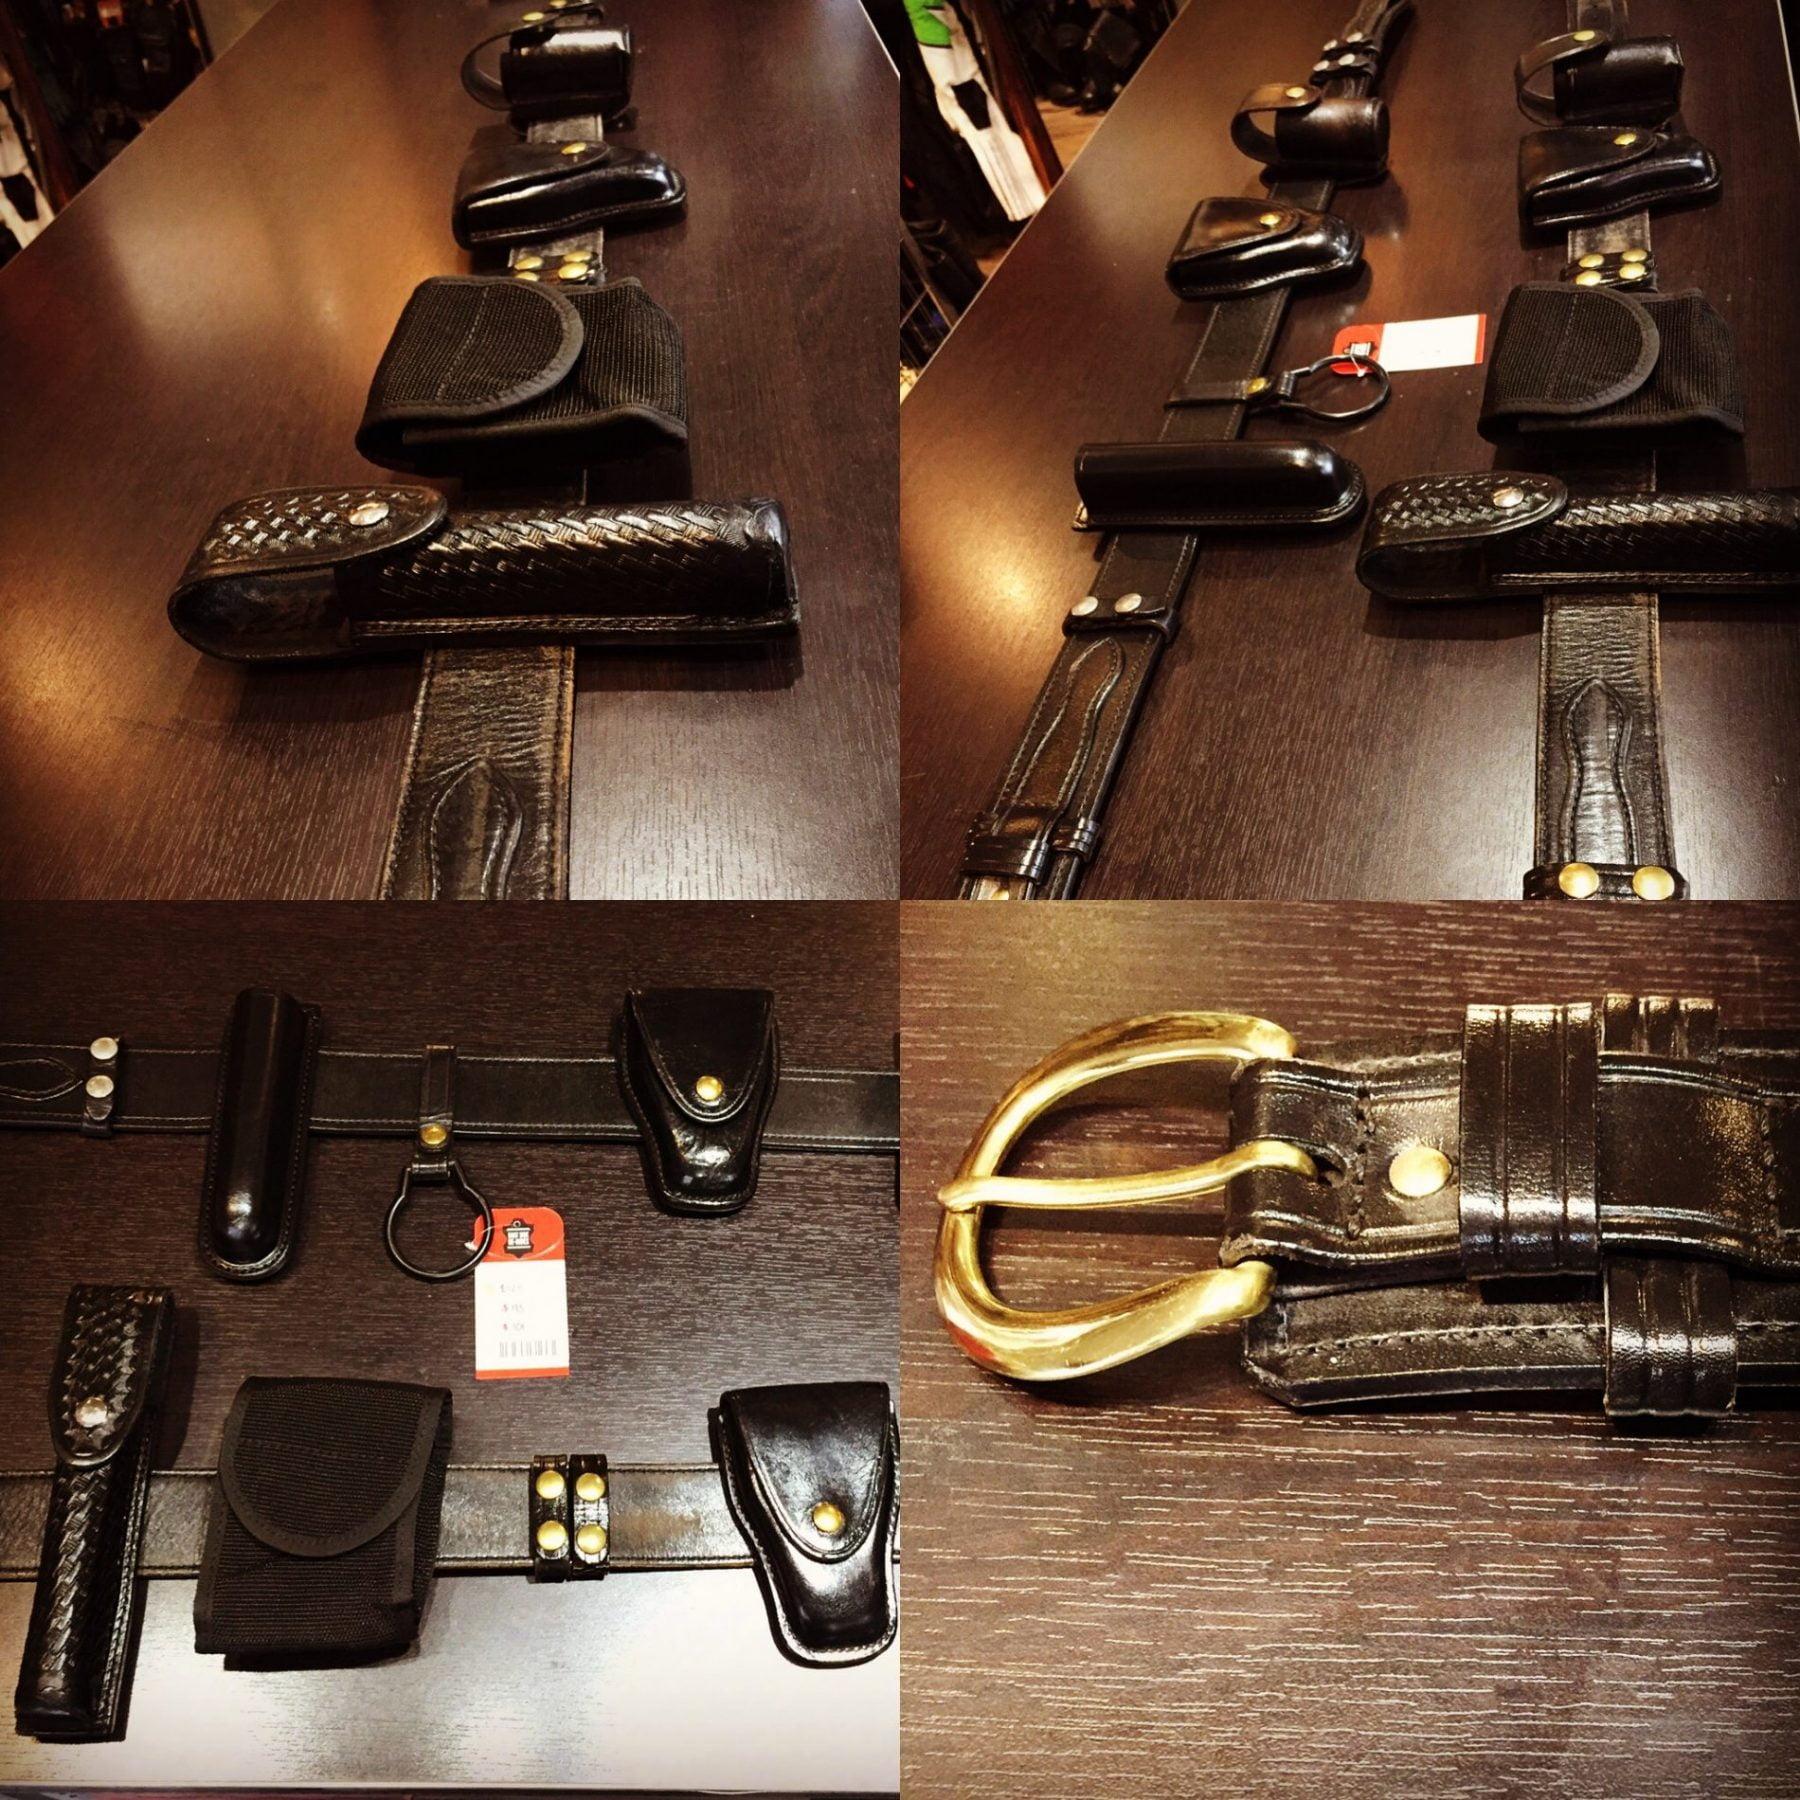 Police Duty Belts